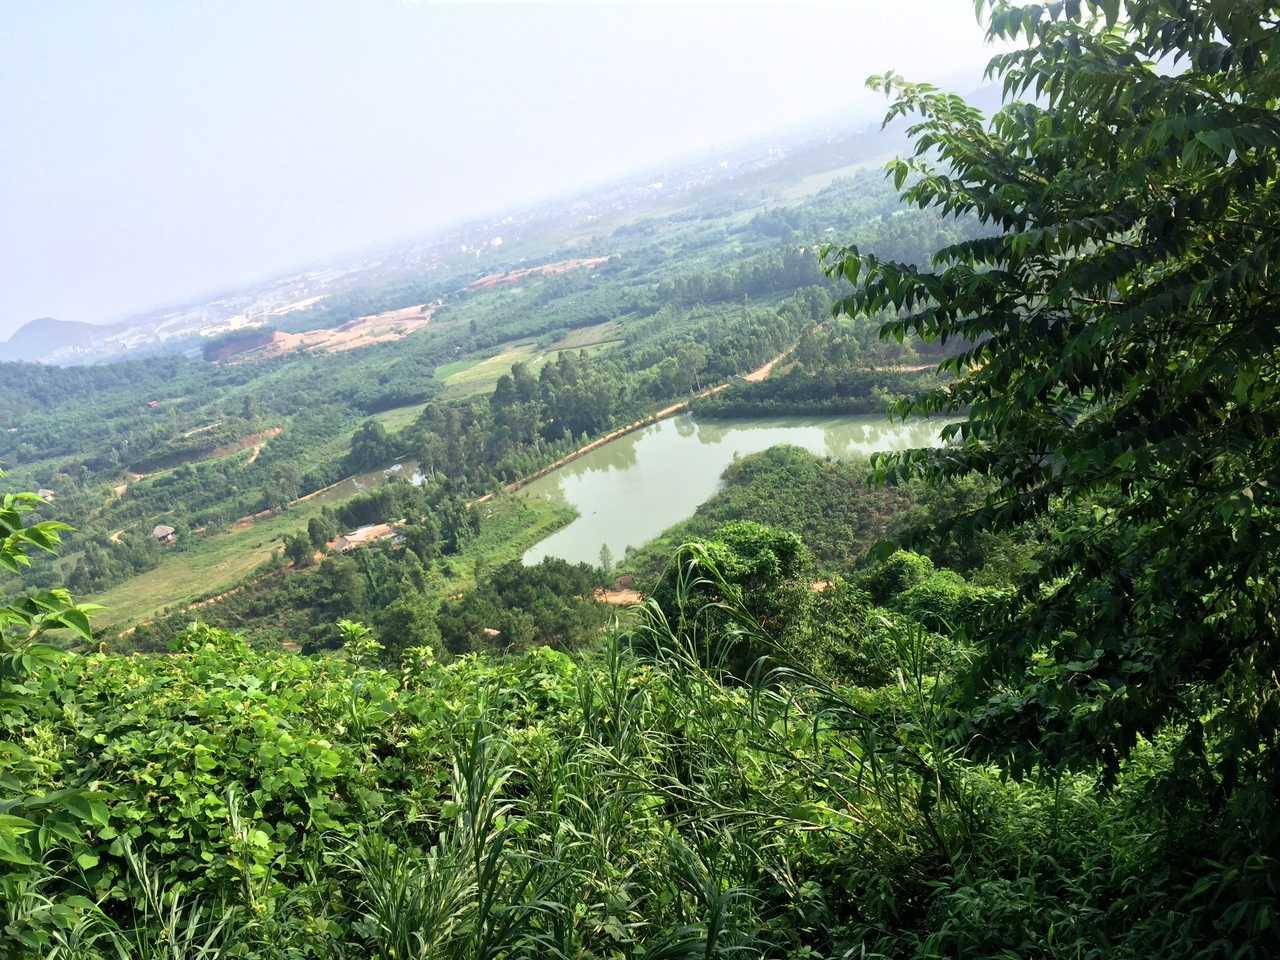 Vùng đất được công ty Phúc Sơn dự định làm công viên nghĩa trang Thiên An Viên. Ảnh: Châu Anh